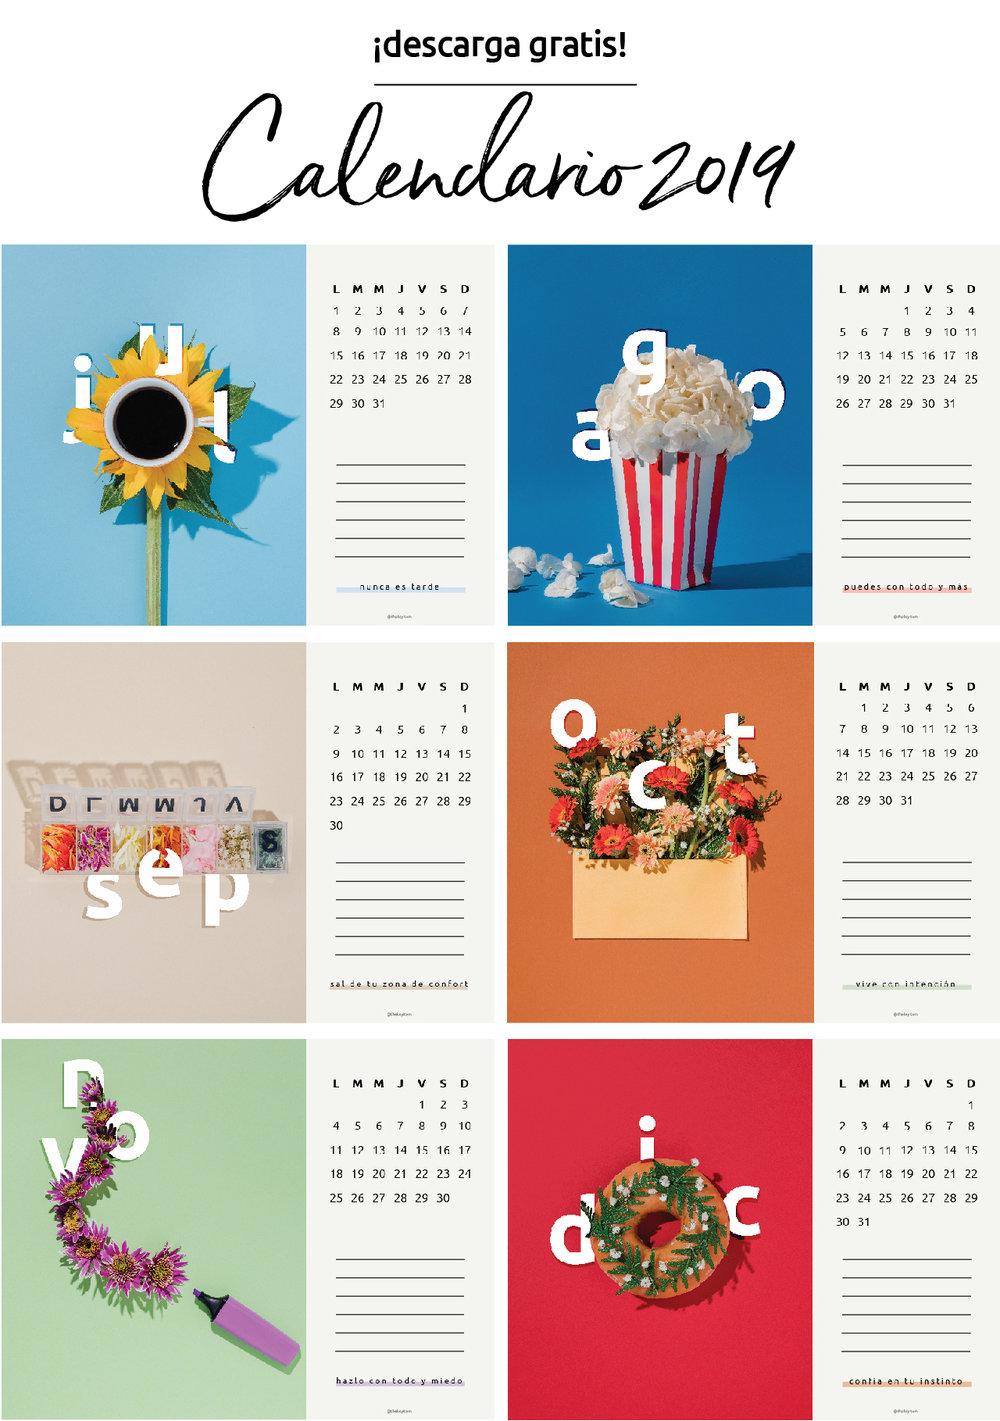 El calendario 2019 ya está disponible. Espero que este calendario te sirva como inspiración para planificar sus metas y llevar a cabo todos tus proyectos en este 2019. ¡DESCARGA GRATIS! #TKICalendar